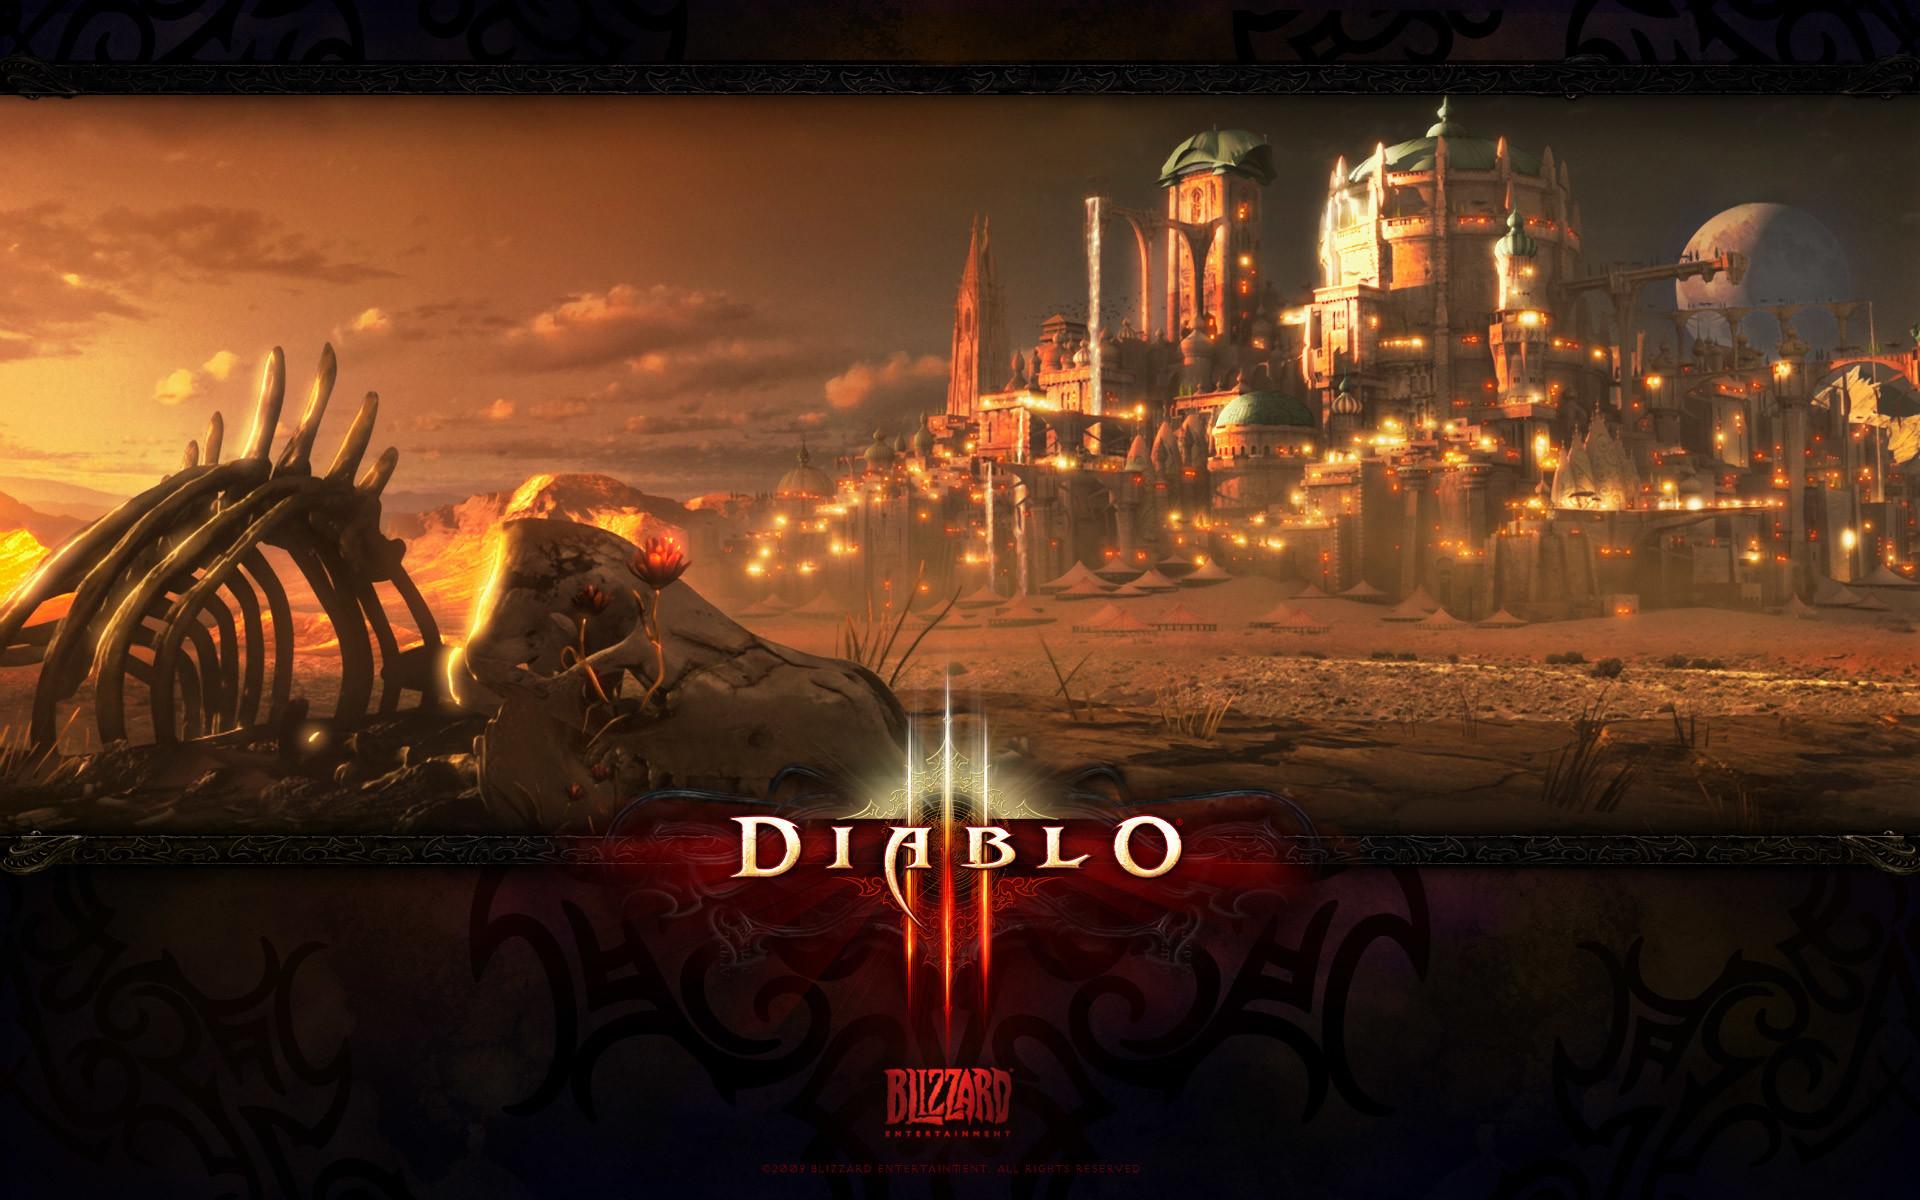 Diablo Reaper of Souls | Games HD Wallpapers | Pinterest | Hd wallpaper